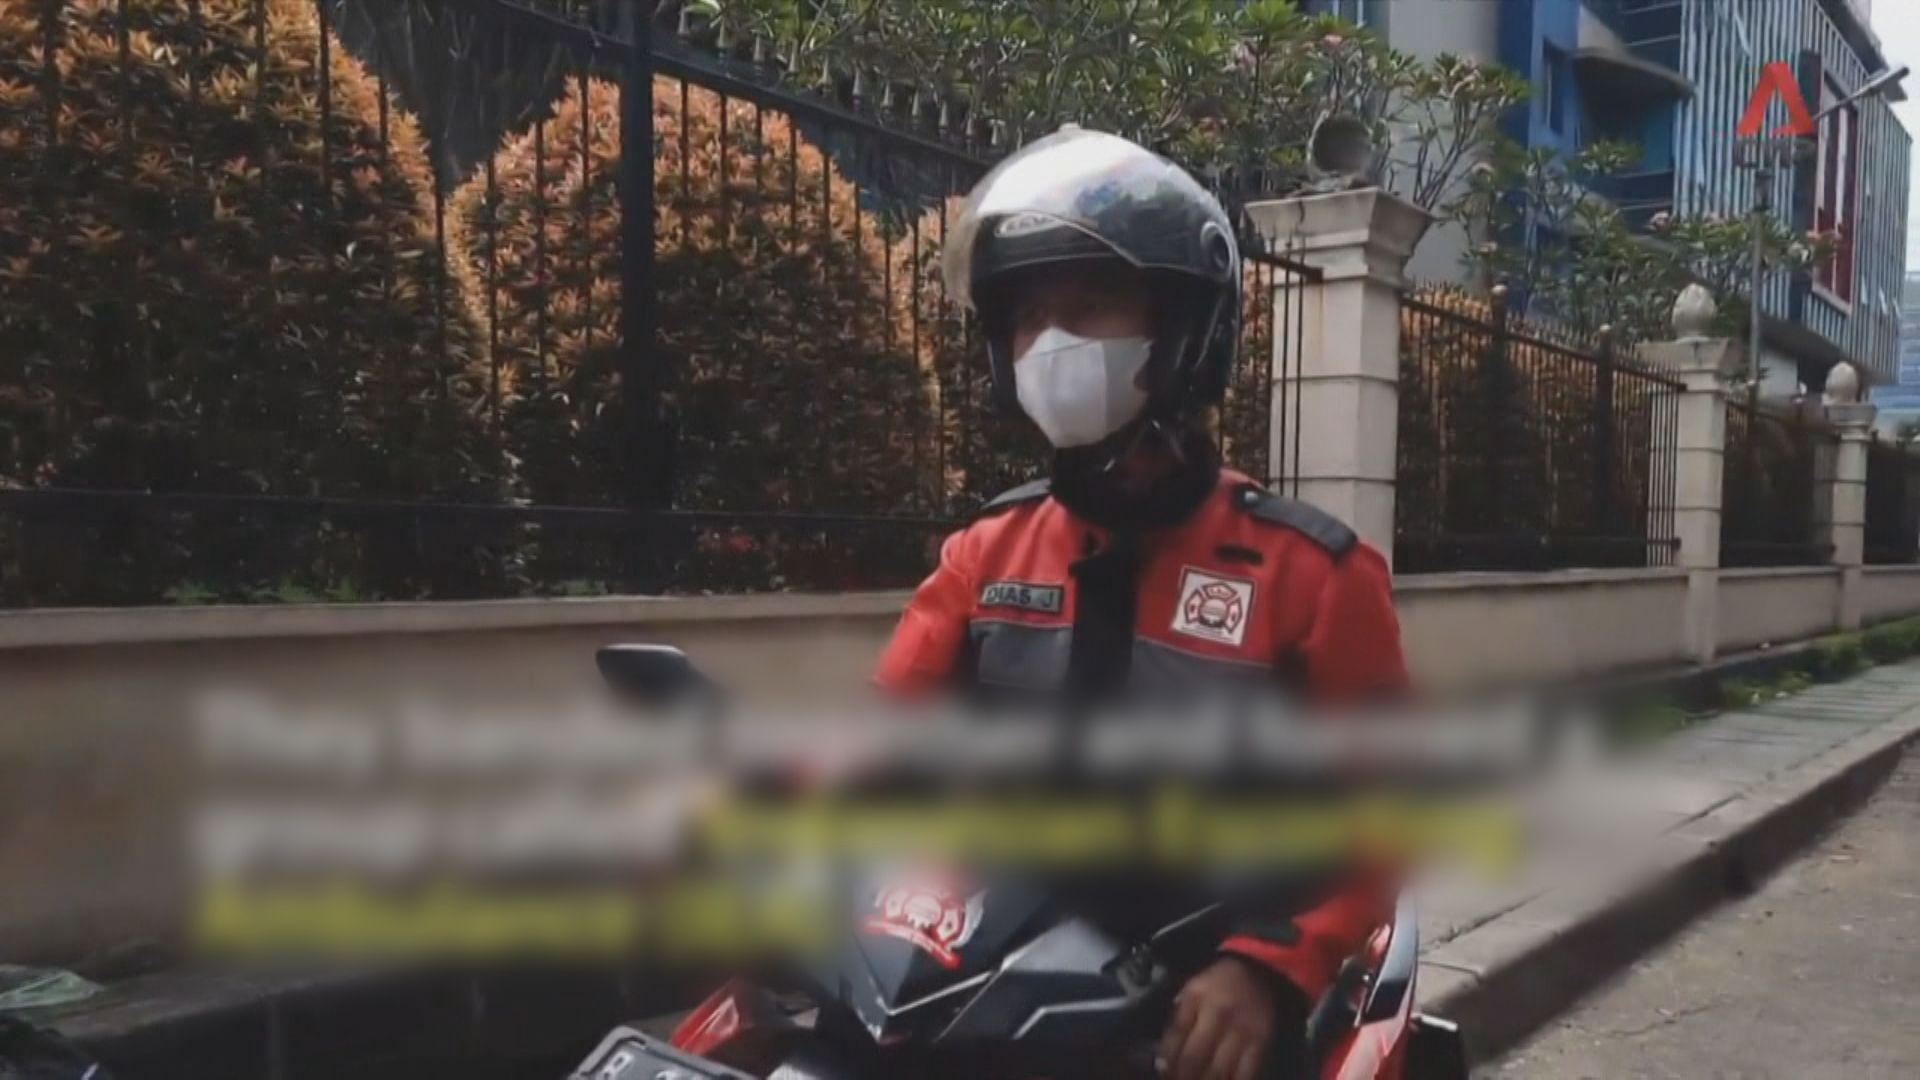 【環球薈報】印尼志願騎士無懼疫情為救護車開路